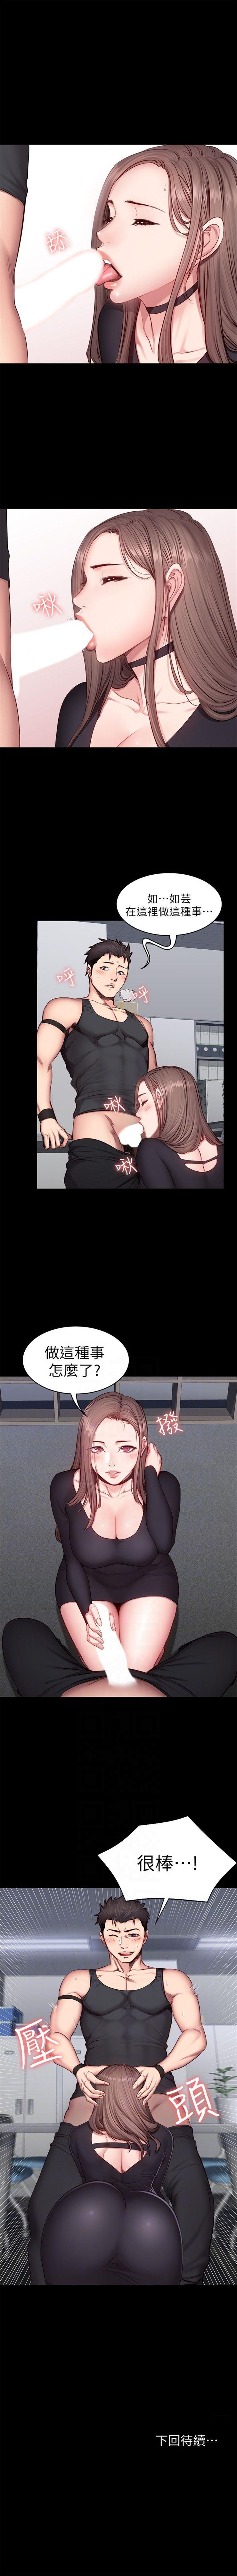 (周3)健身教练 1-29 中文翻译 (更新中) 114